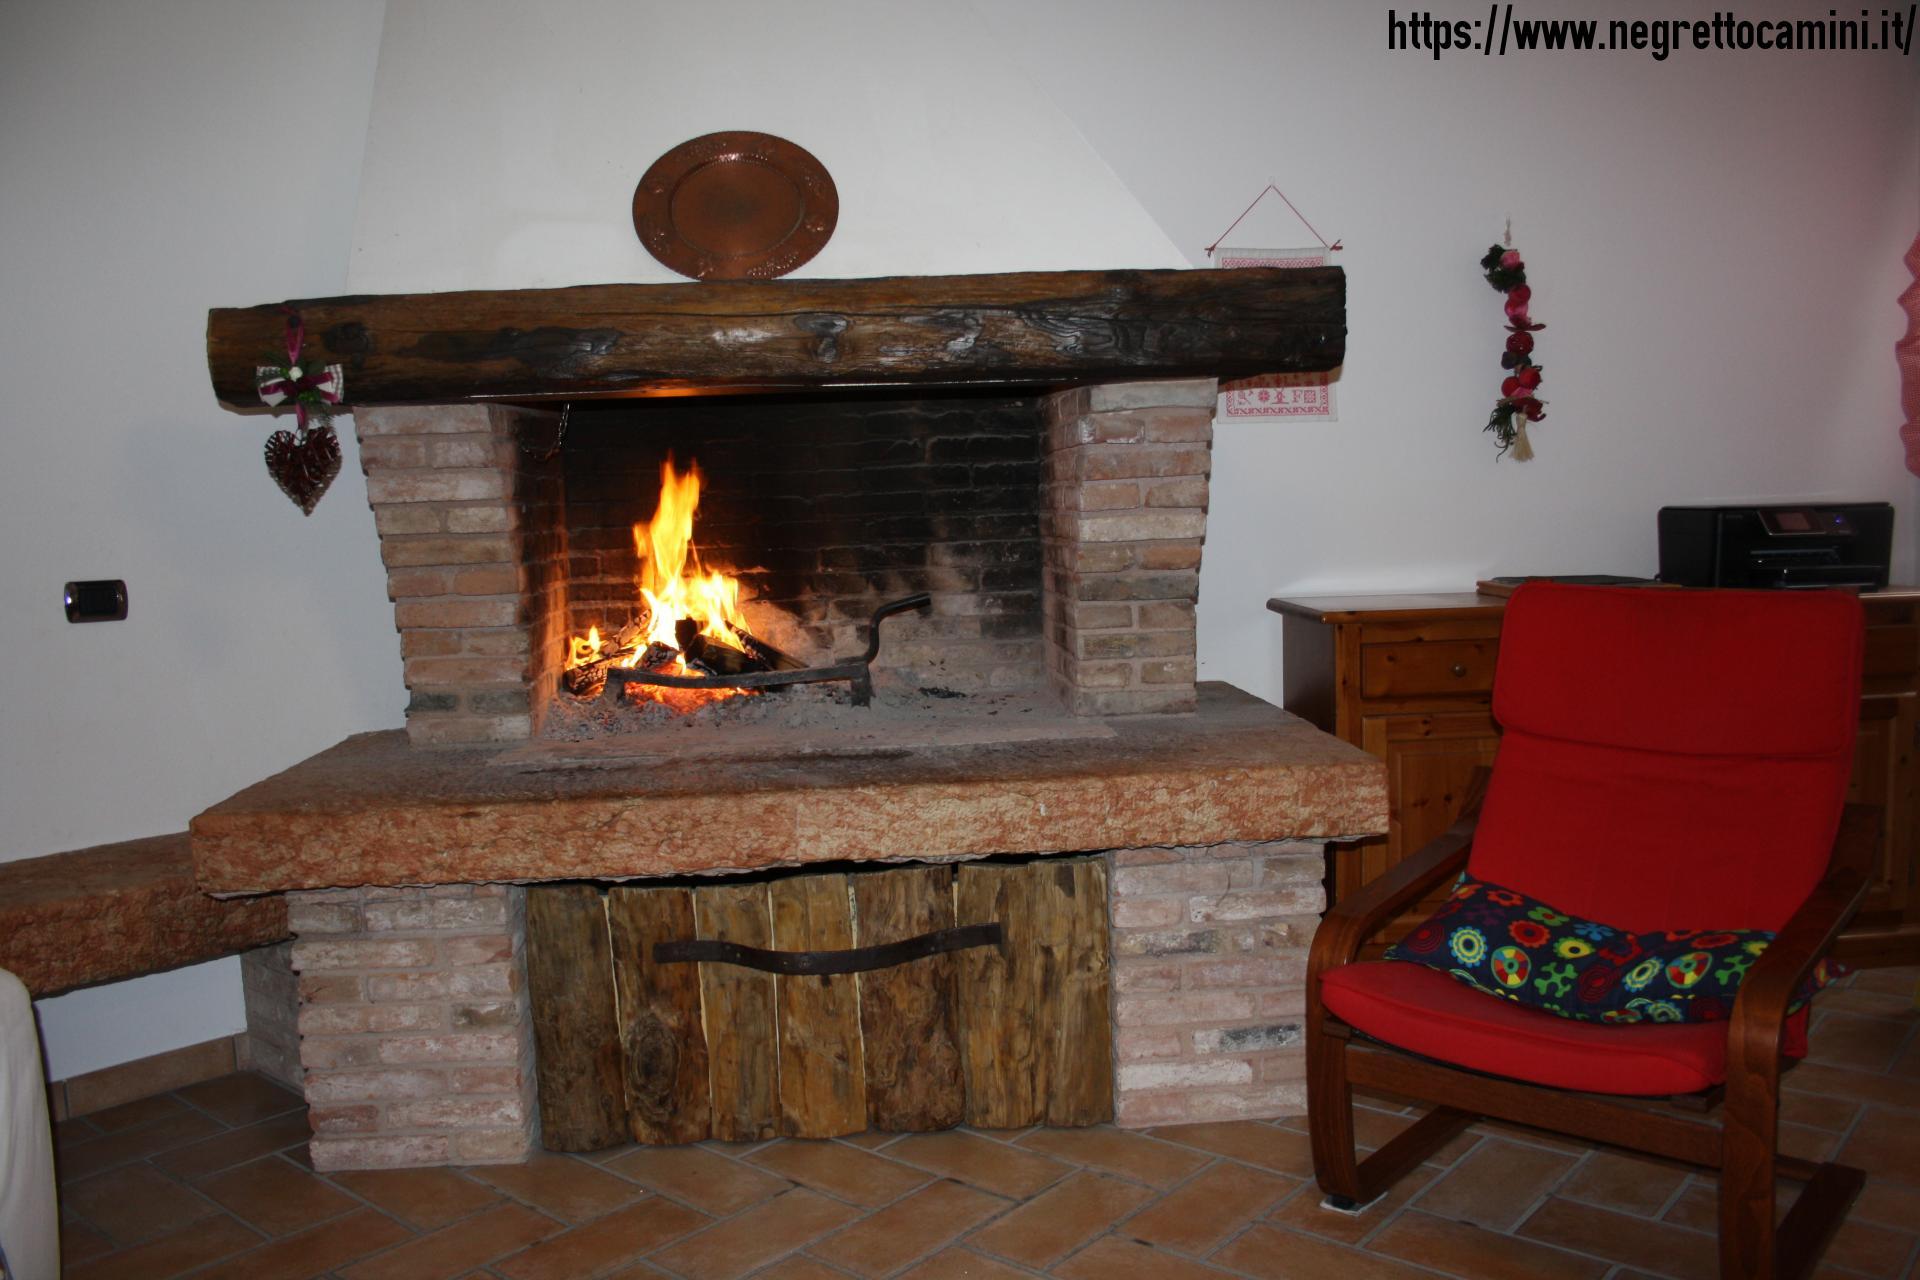 Camino da taverna negretto camini d 39 autore - Camino per cucinare ...